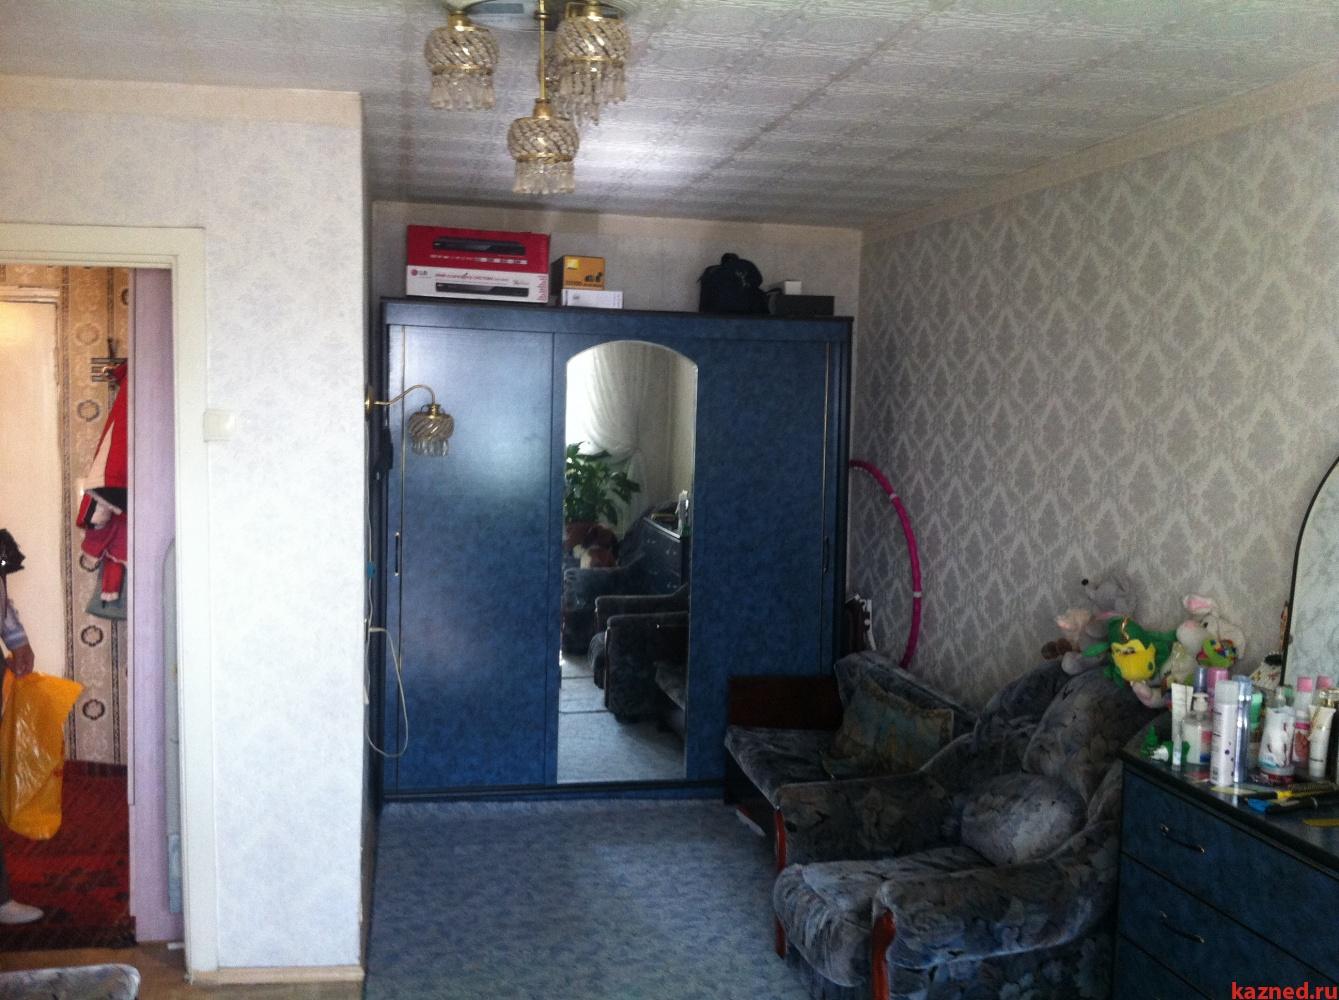 Продажа 1-к квартиры Гаврилова 18а, 44 м²  (миниатюра №2)